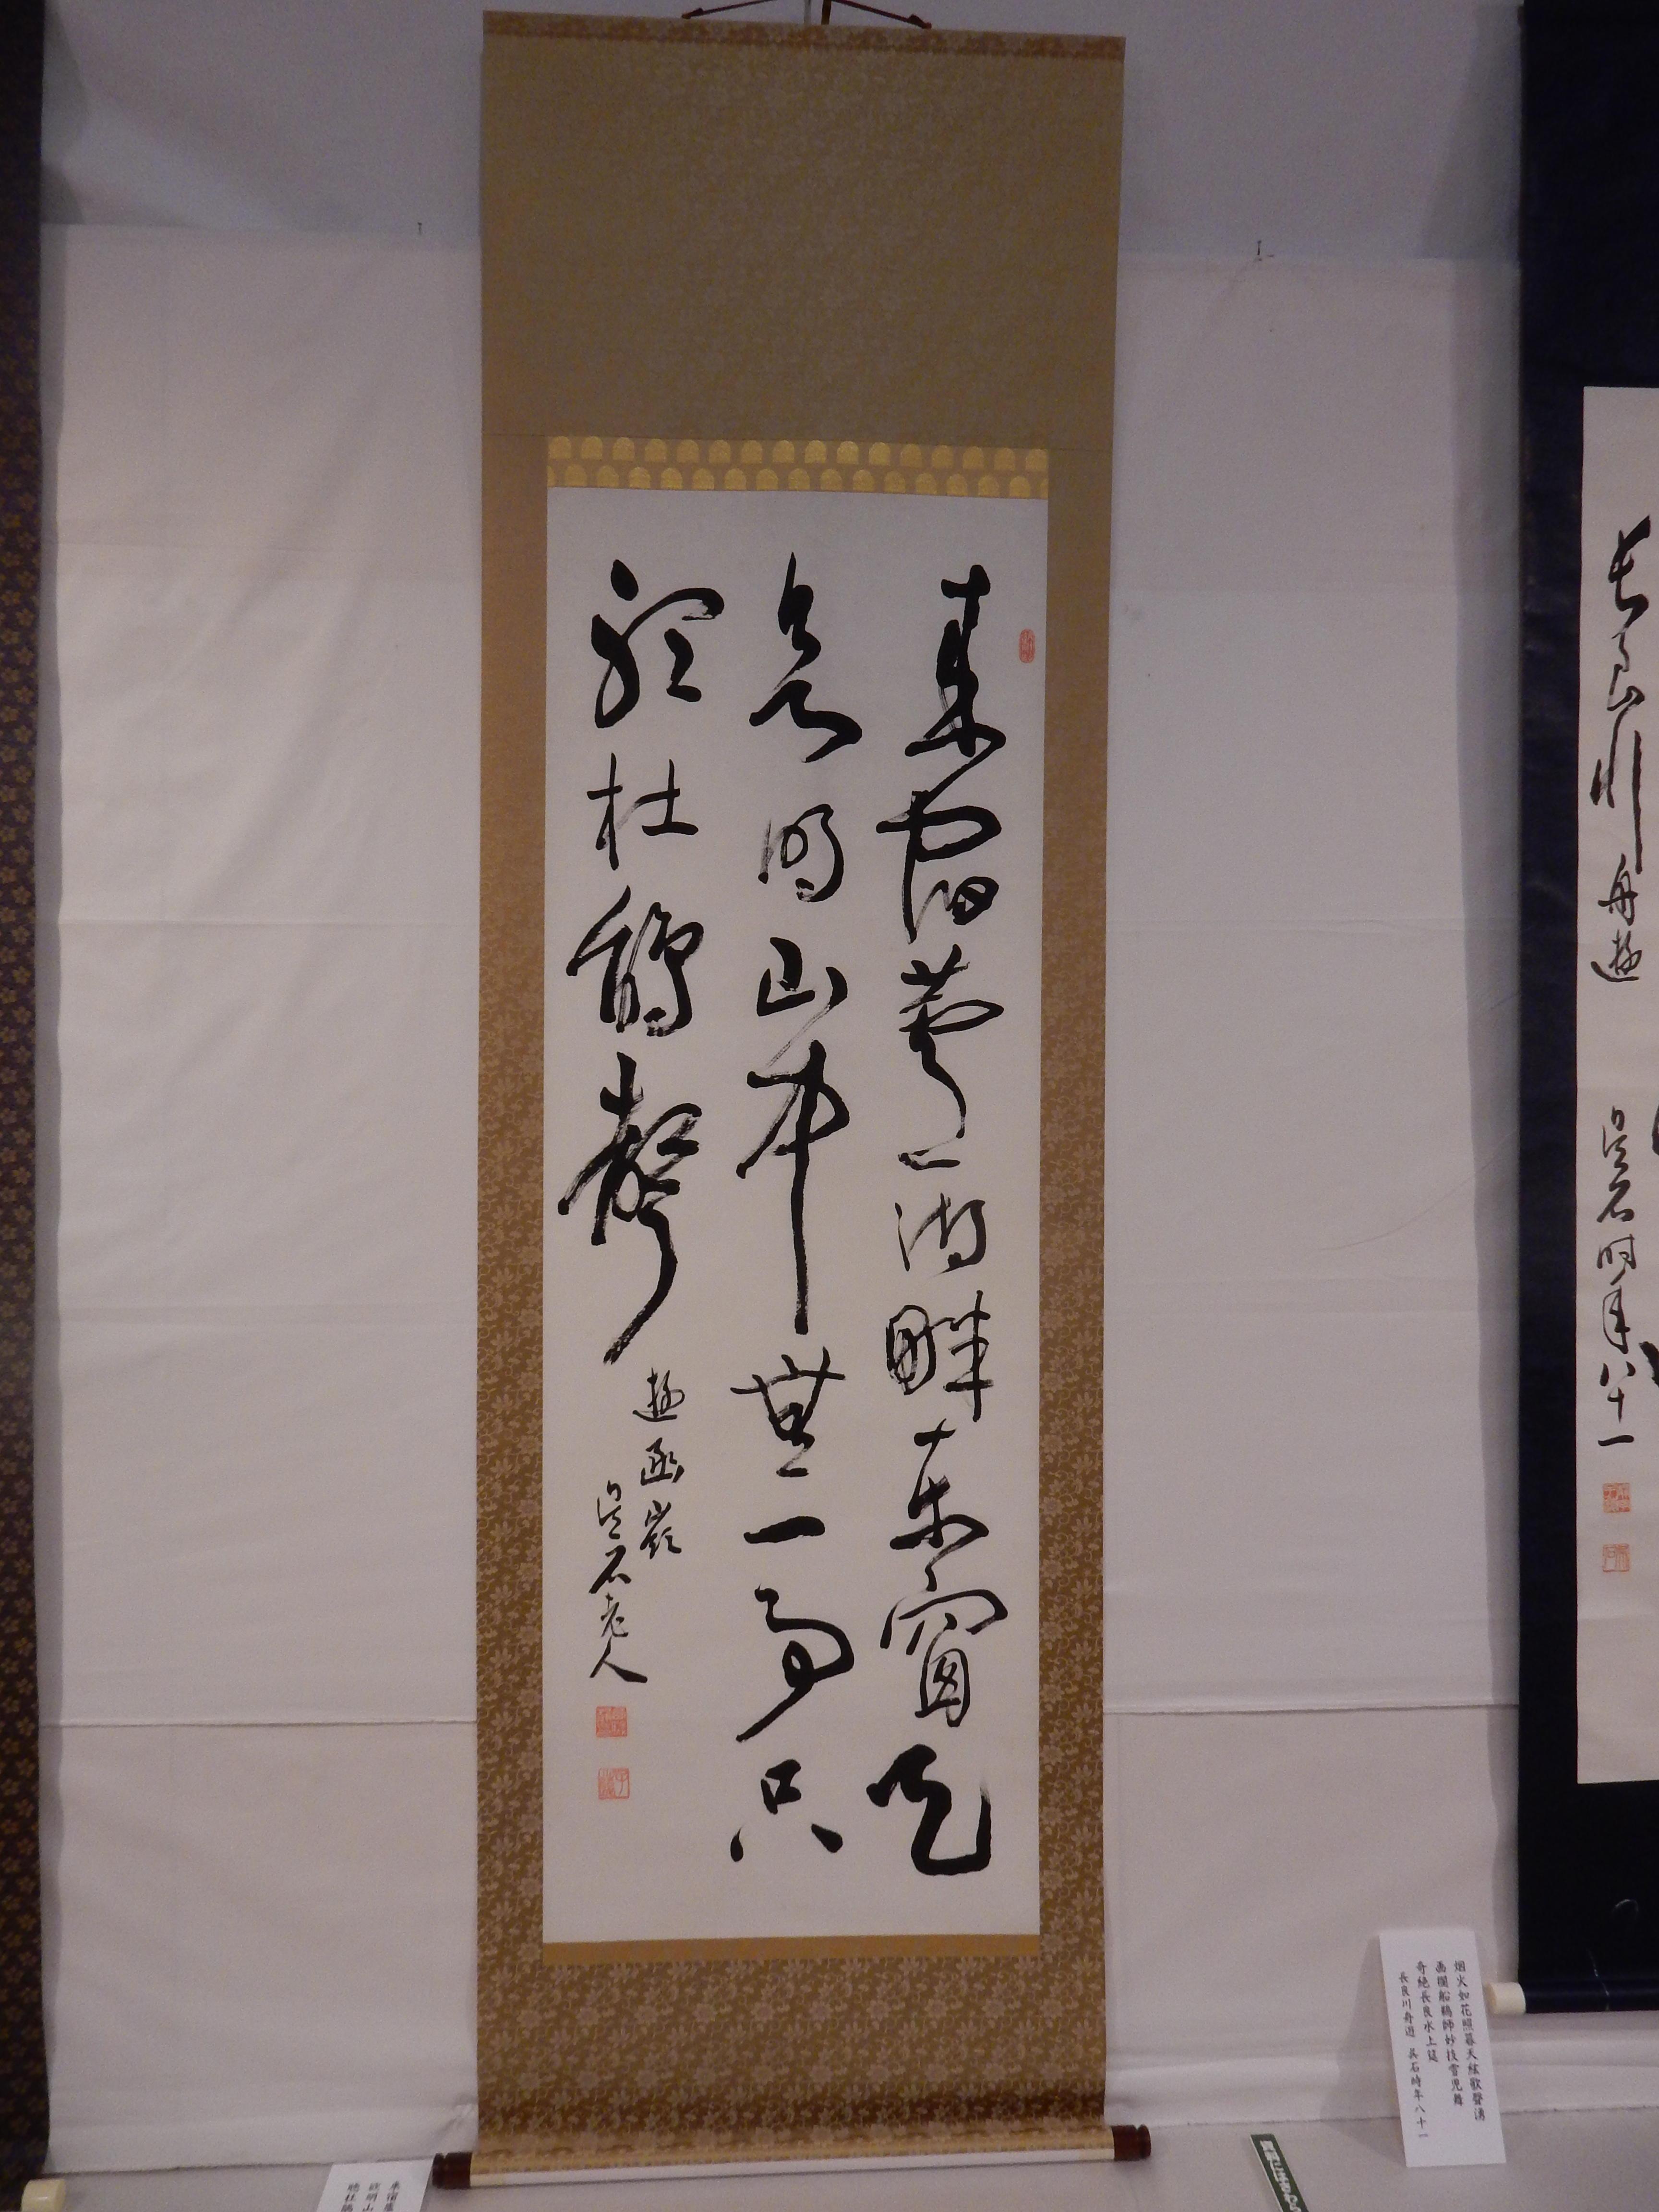 西脇呉石 生誕140周年記念展1日目 014.JPG